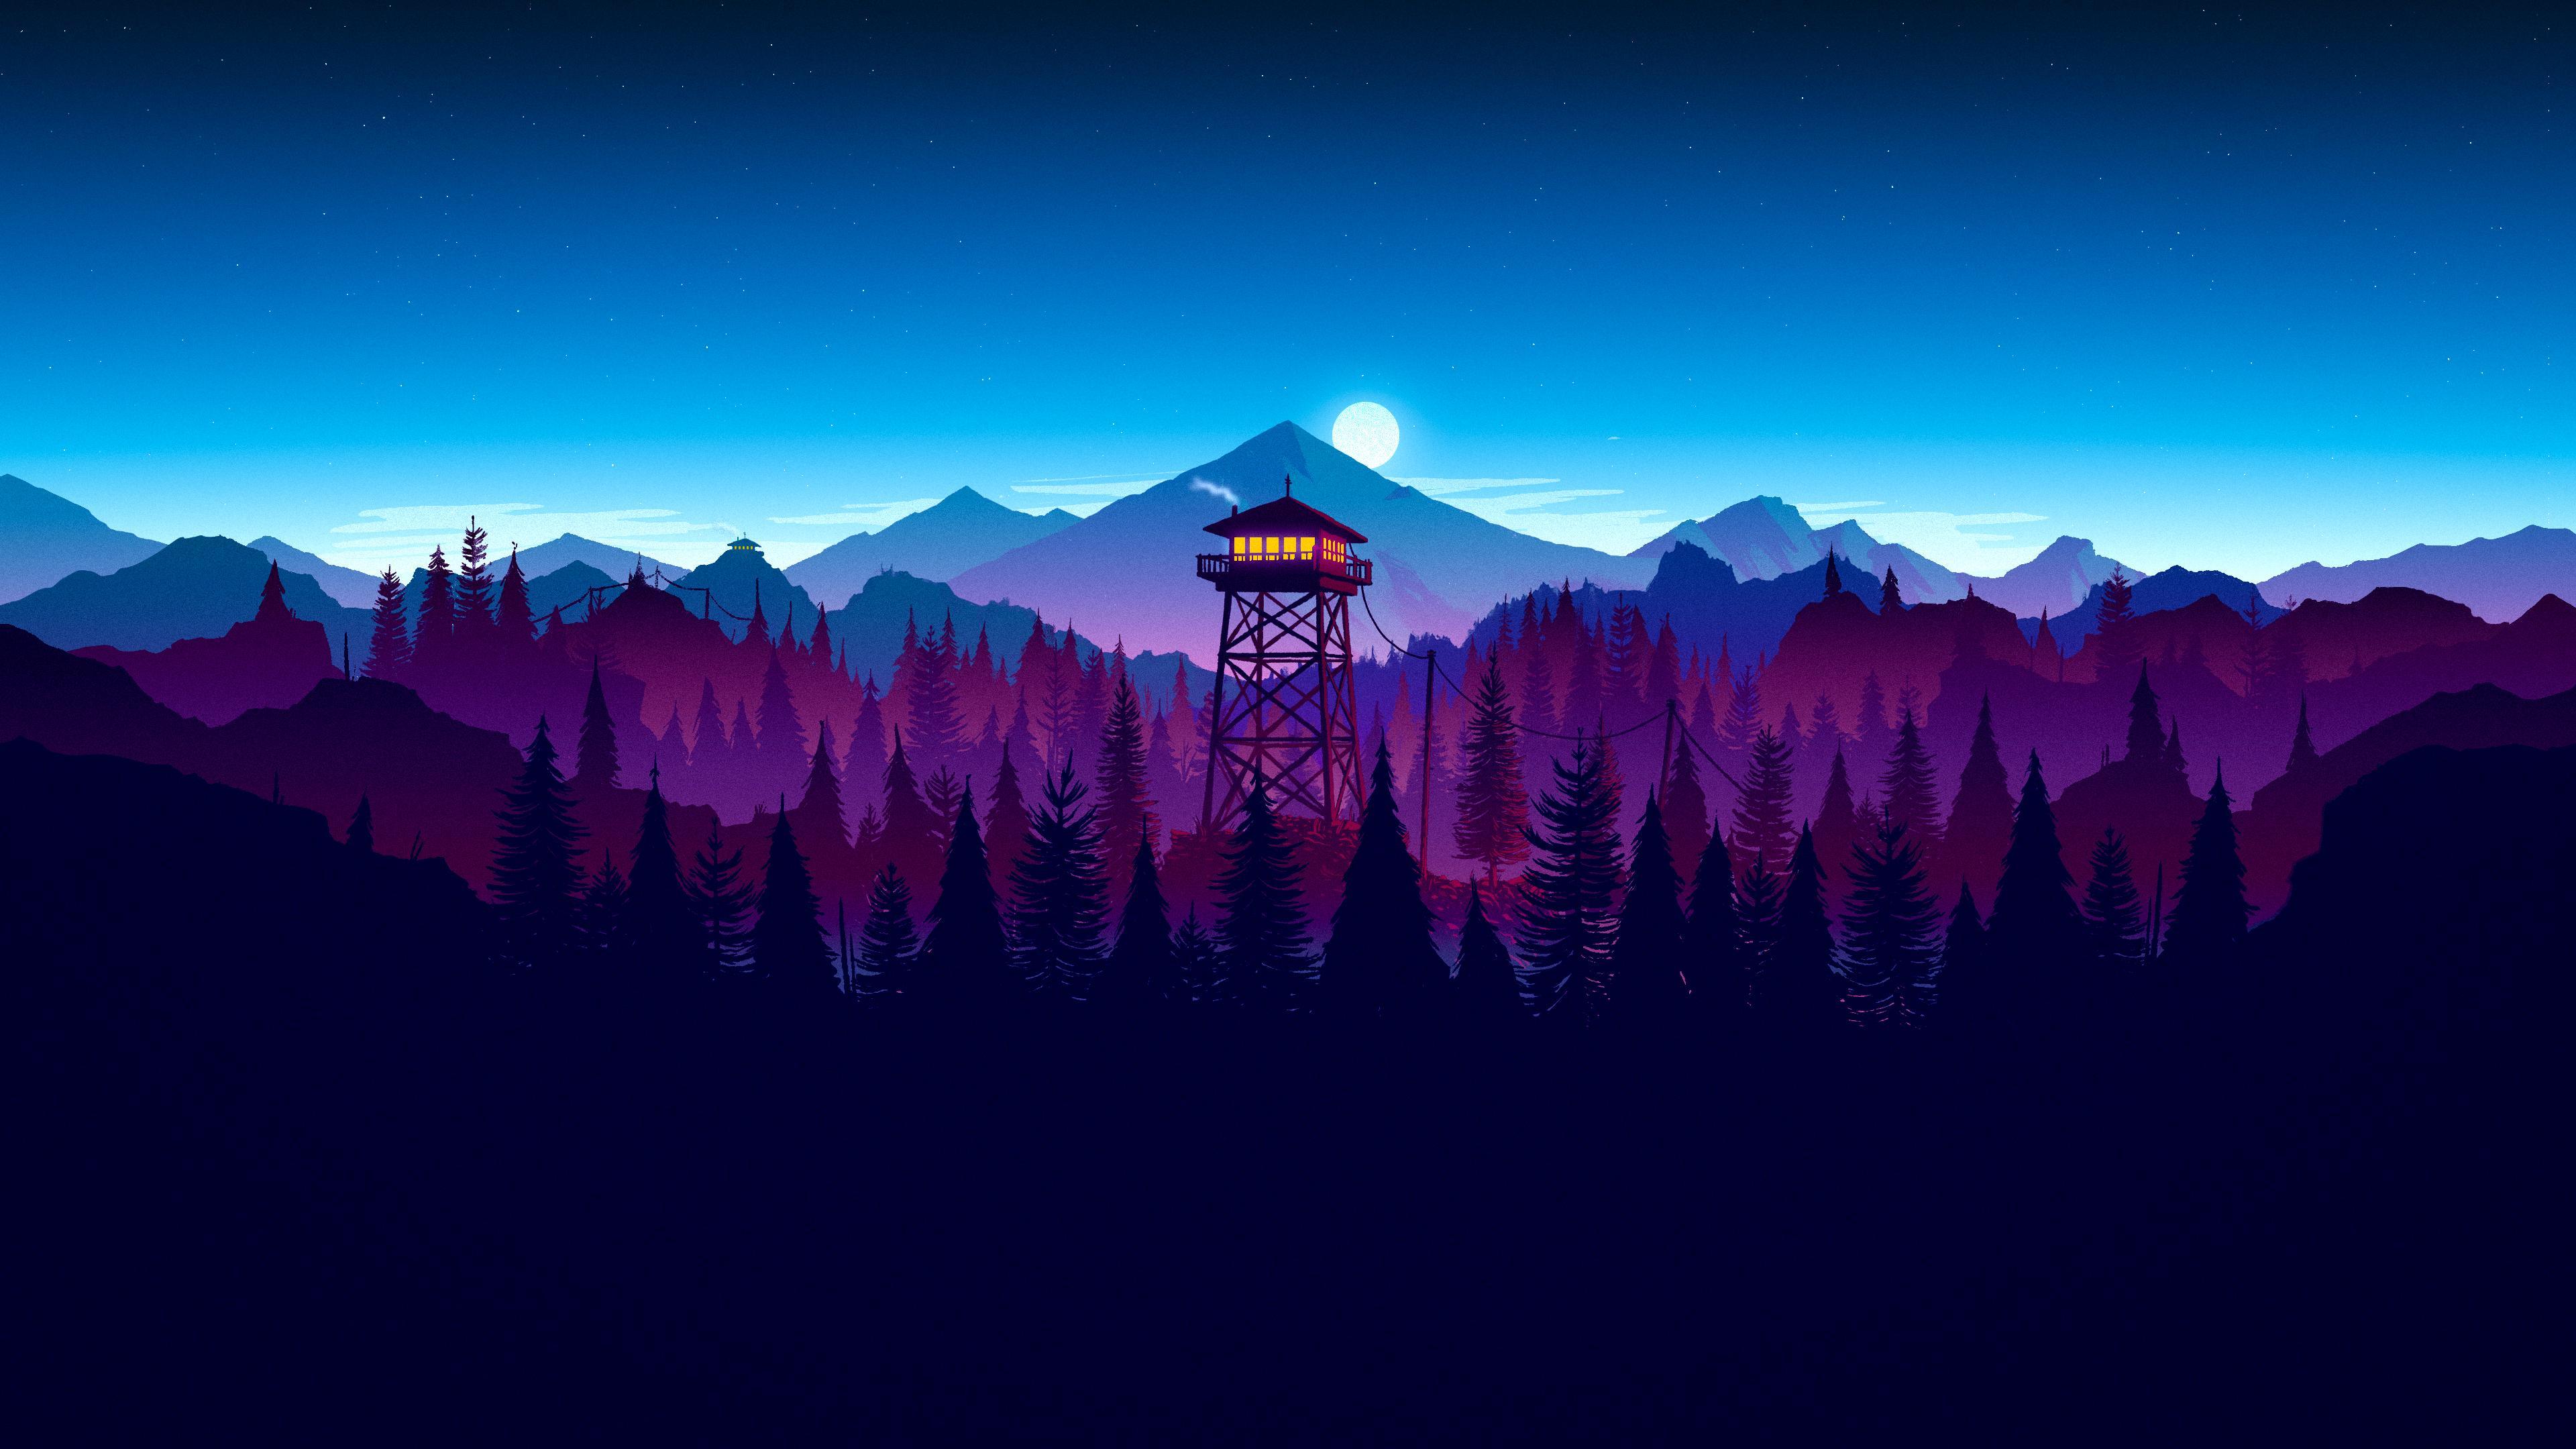 Firewatch Sunset Artwork, HD Artist, 4k Wallpapers, Images ...